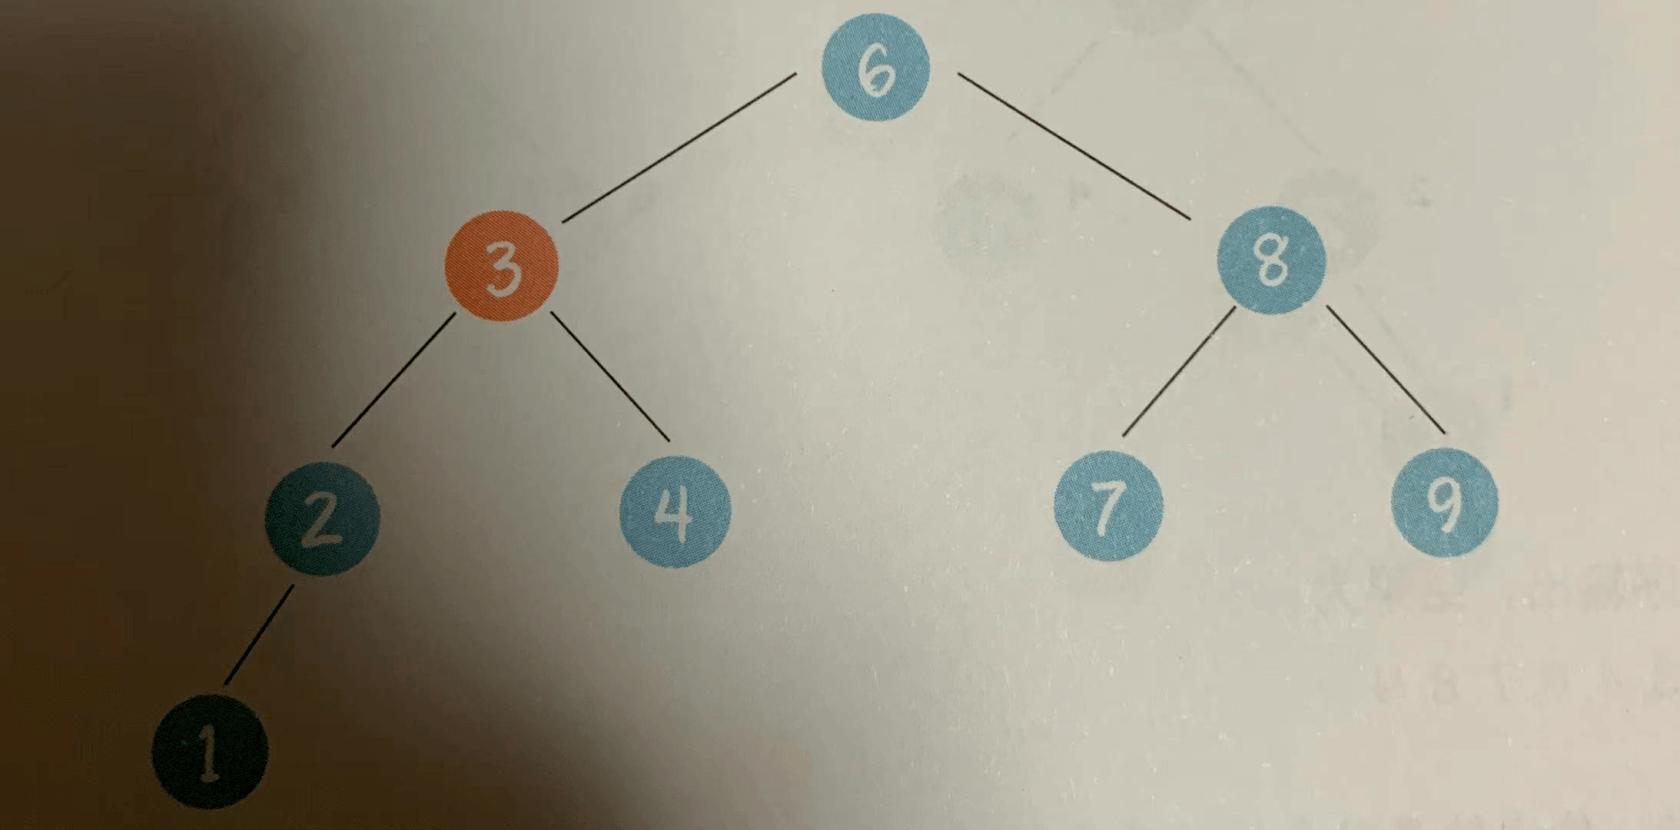 深入理解数据结构--二叉树(进阶篇1)